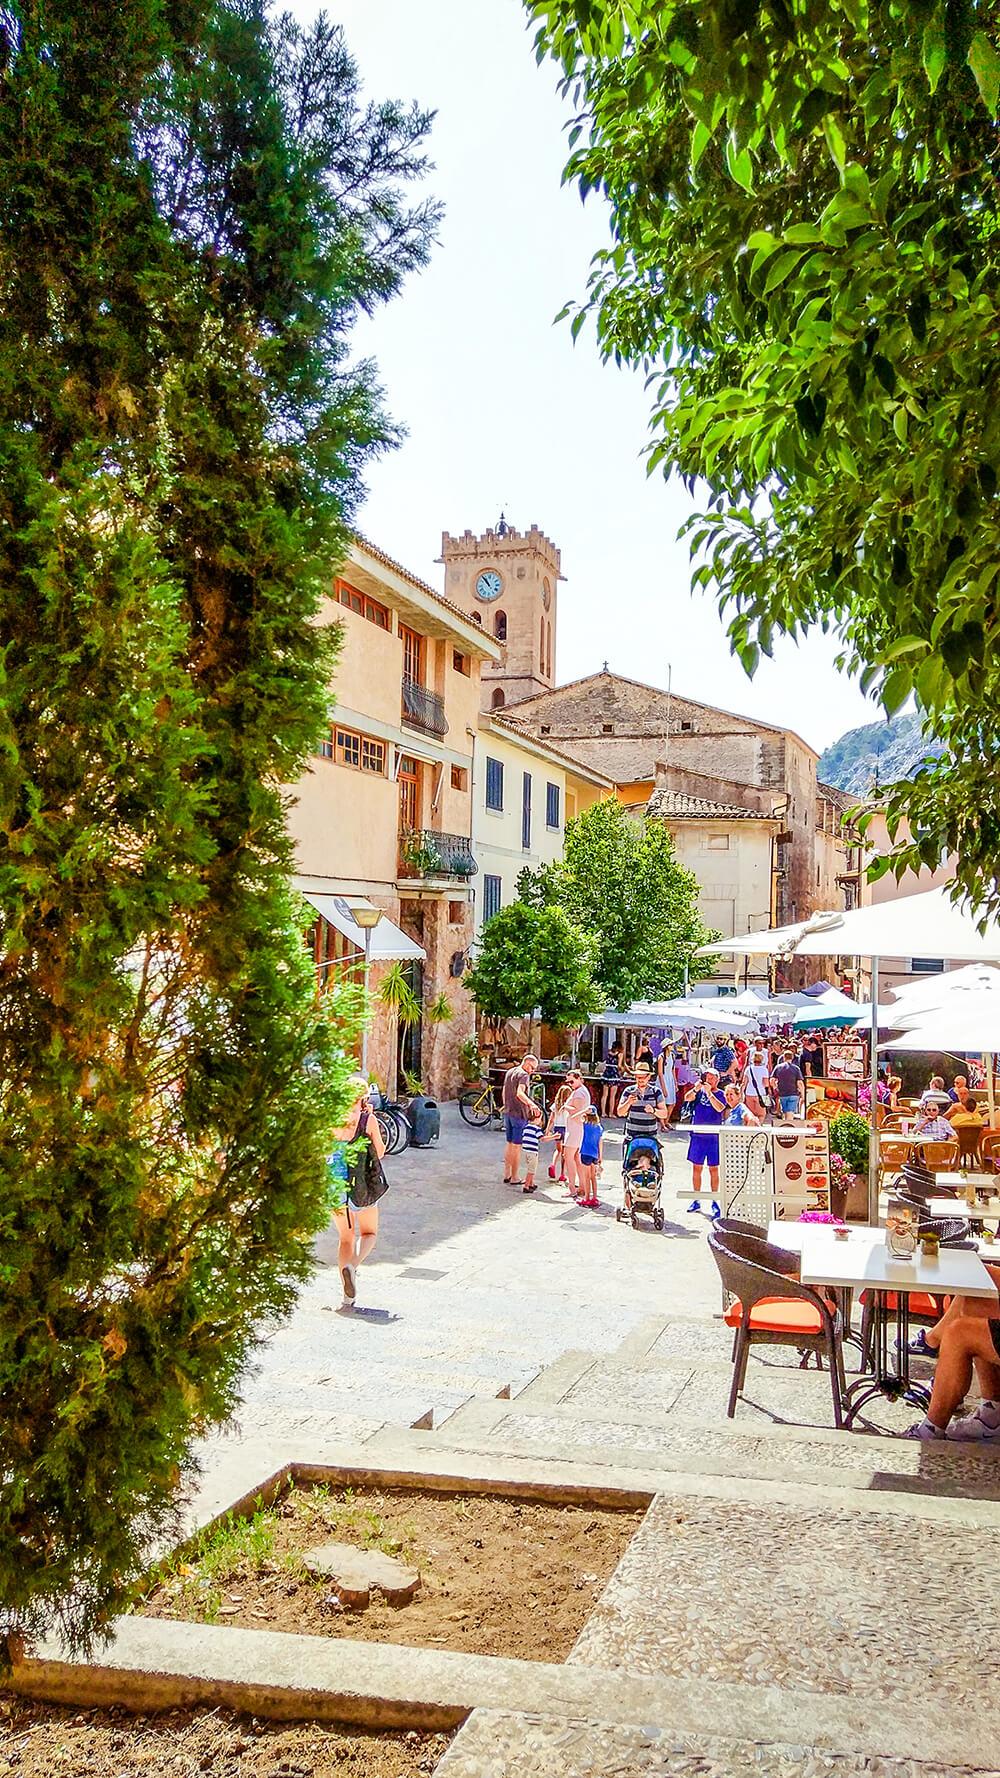 Mallorca-Pollenca-Treppe-Restaurant-Platz-Turm